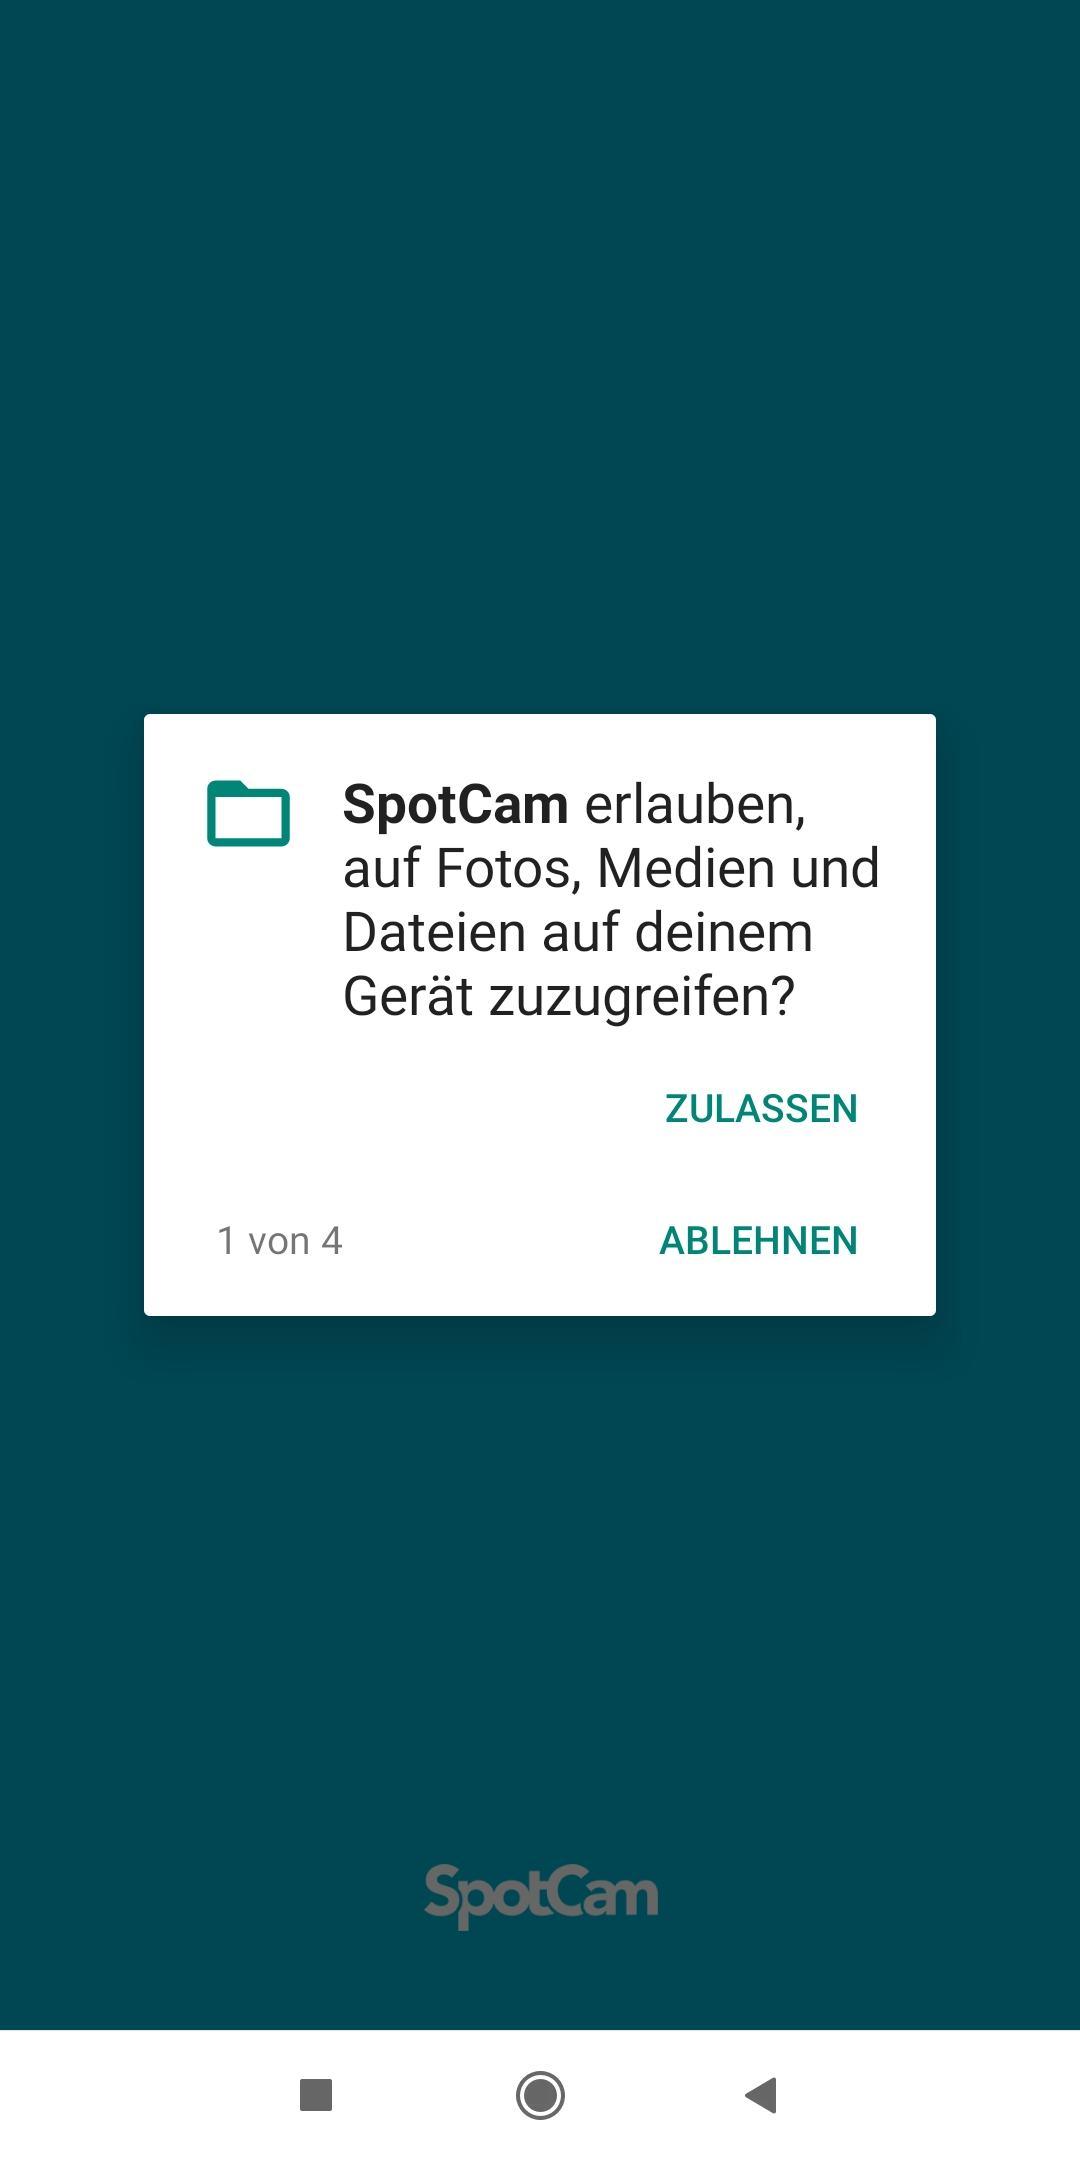 Screenshot_2021-08-08-19-46-26-387_com.google.android.packageinstaller.jpg